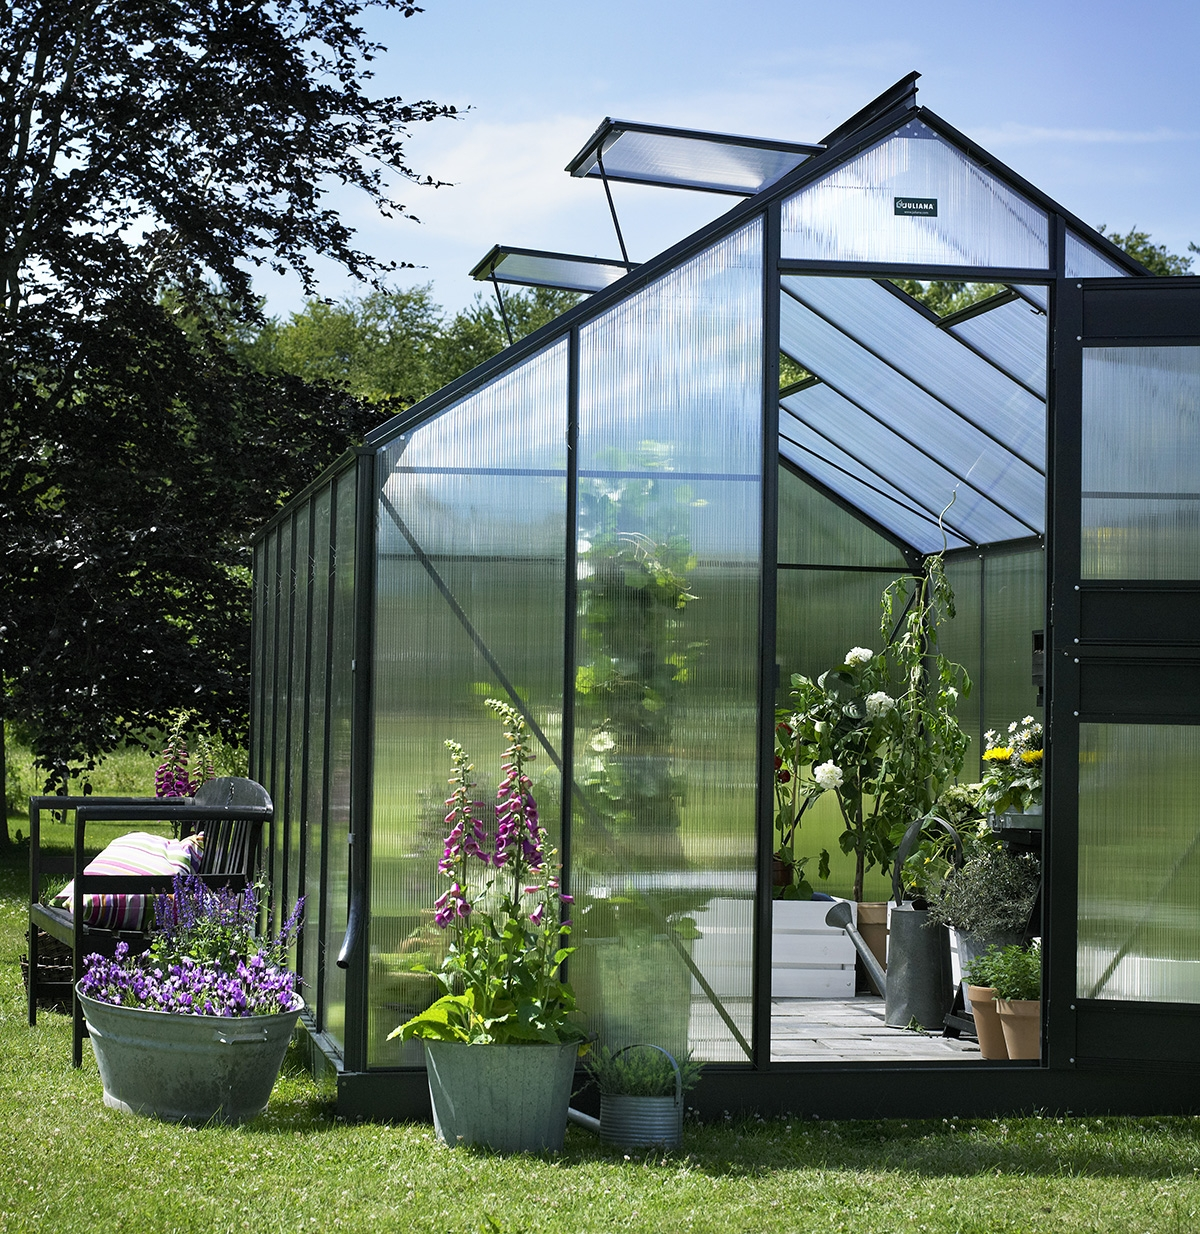 Serre de jardin juliana compact plus alu 8 3m2 polycarbonate - Serre polycarbonate 9m2 ...